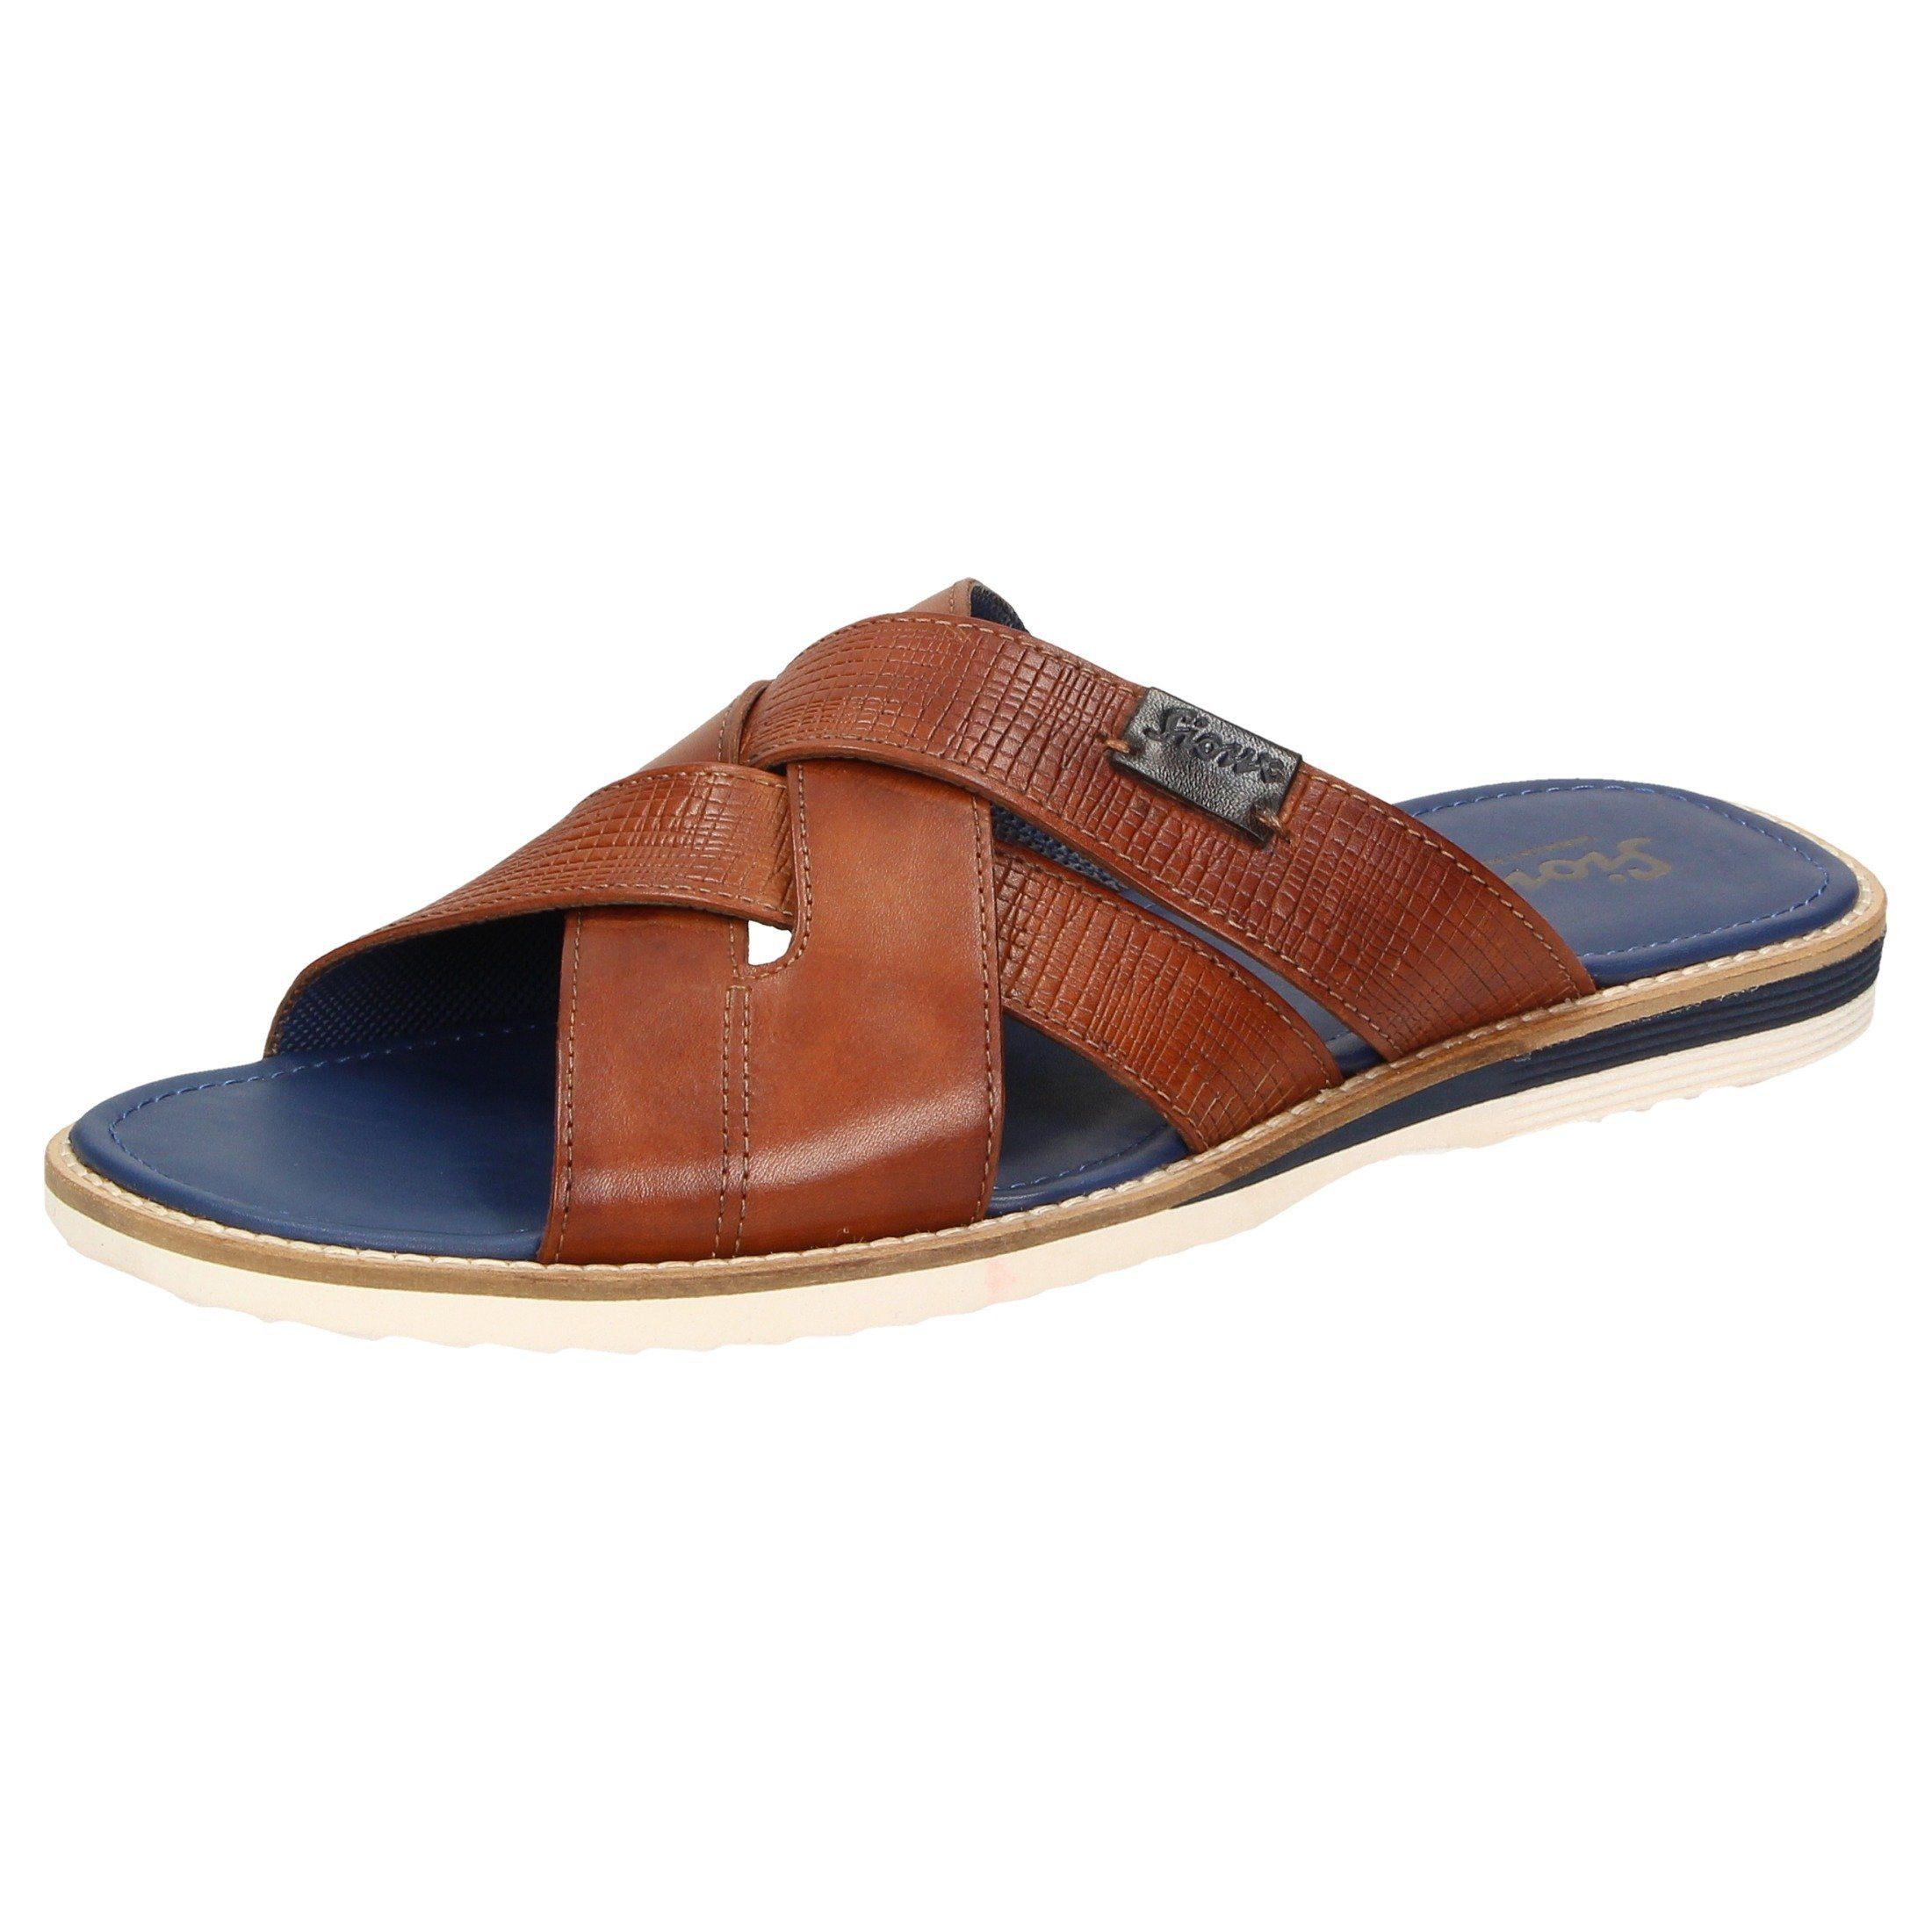 SIOUX Pantolette Milito-700 | Schuhe > Clogs & Pantoletten | Braun | Sioux